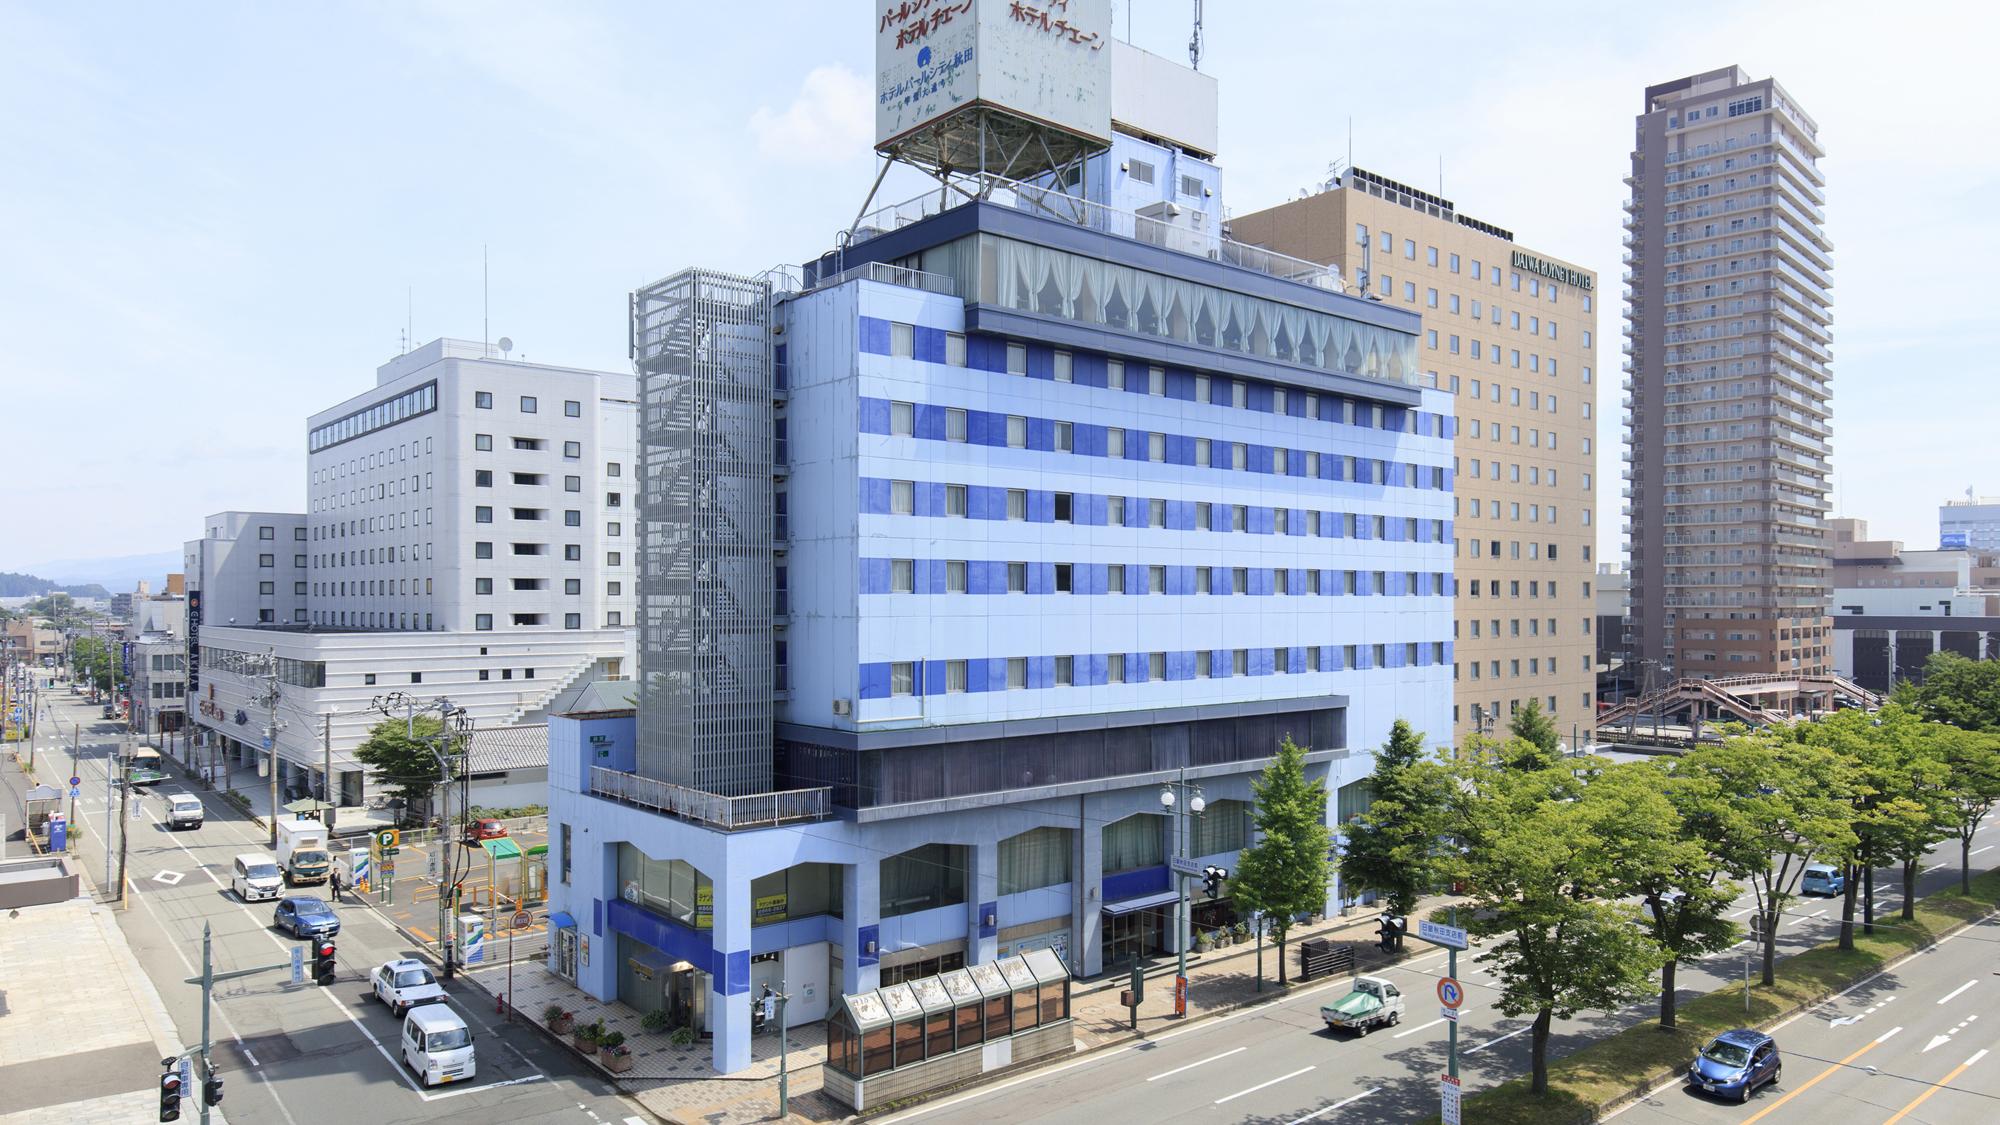 ホテルパールシティ秋田 竿燈大通り(旧 アキタスカイホテル)...